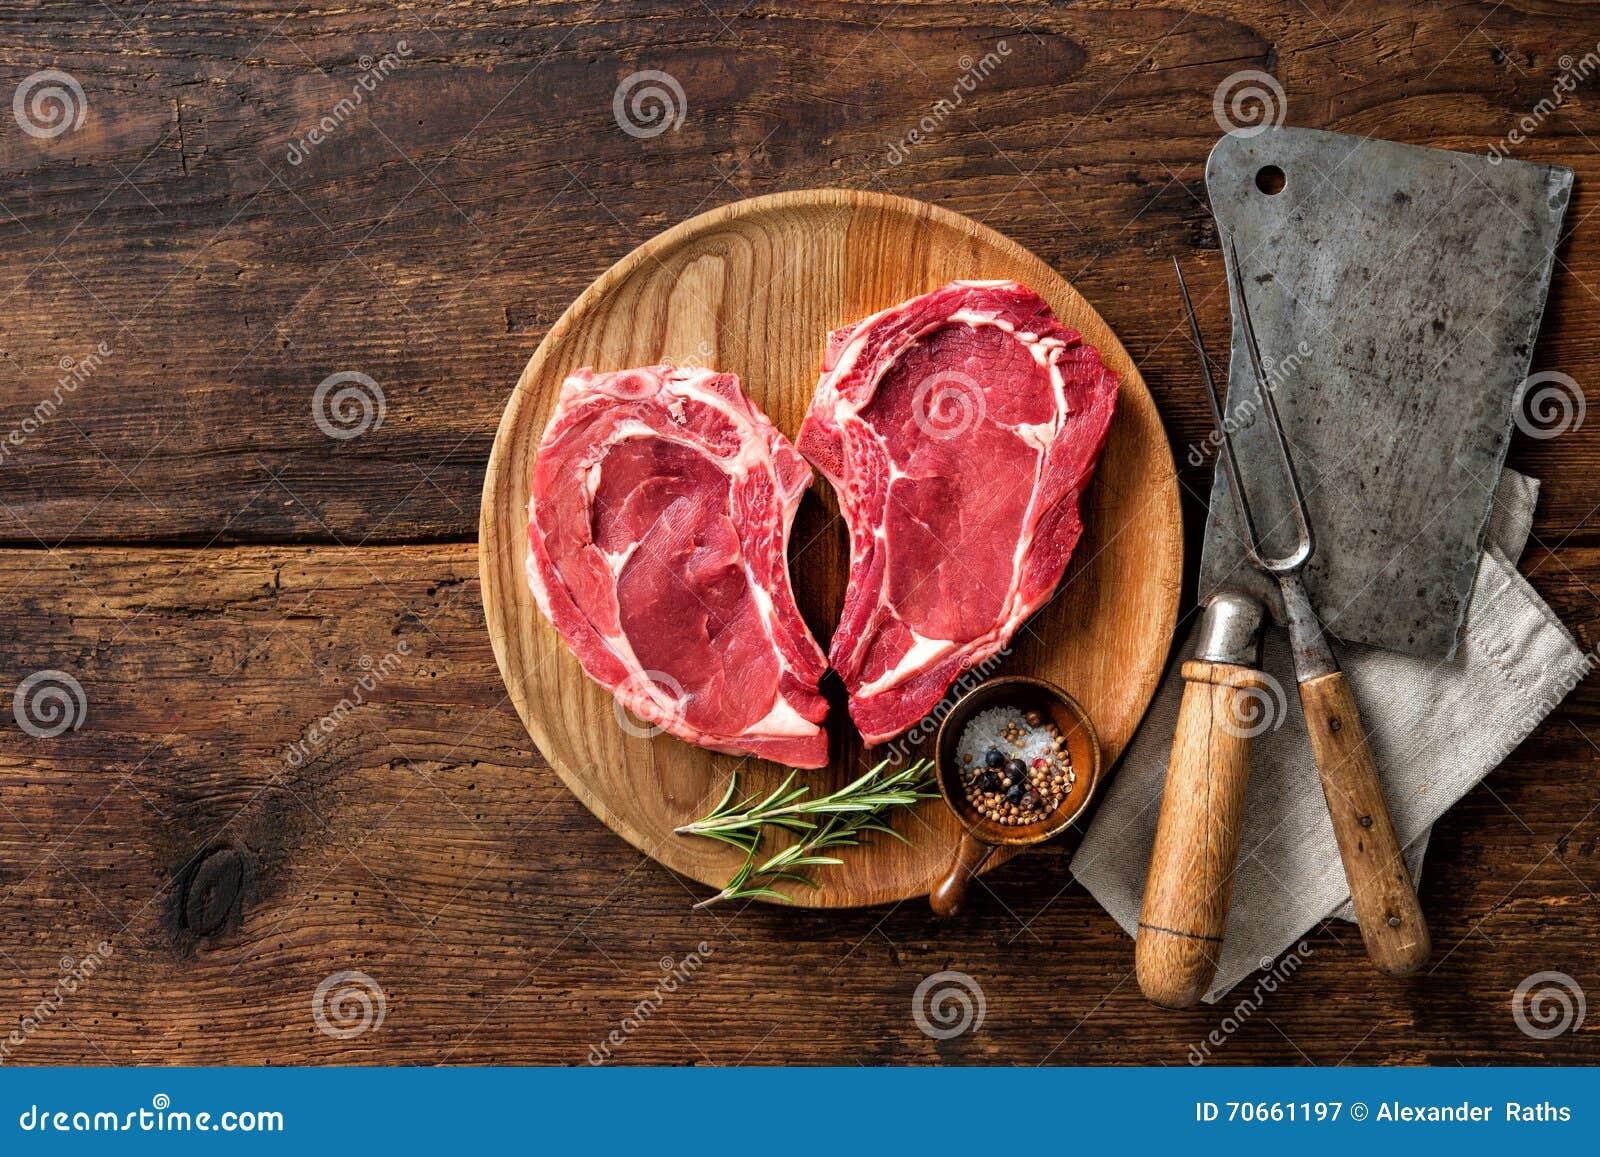 Filetes frescos crudos de la carne de la ternera de la forma del corazón